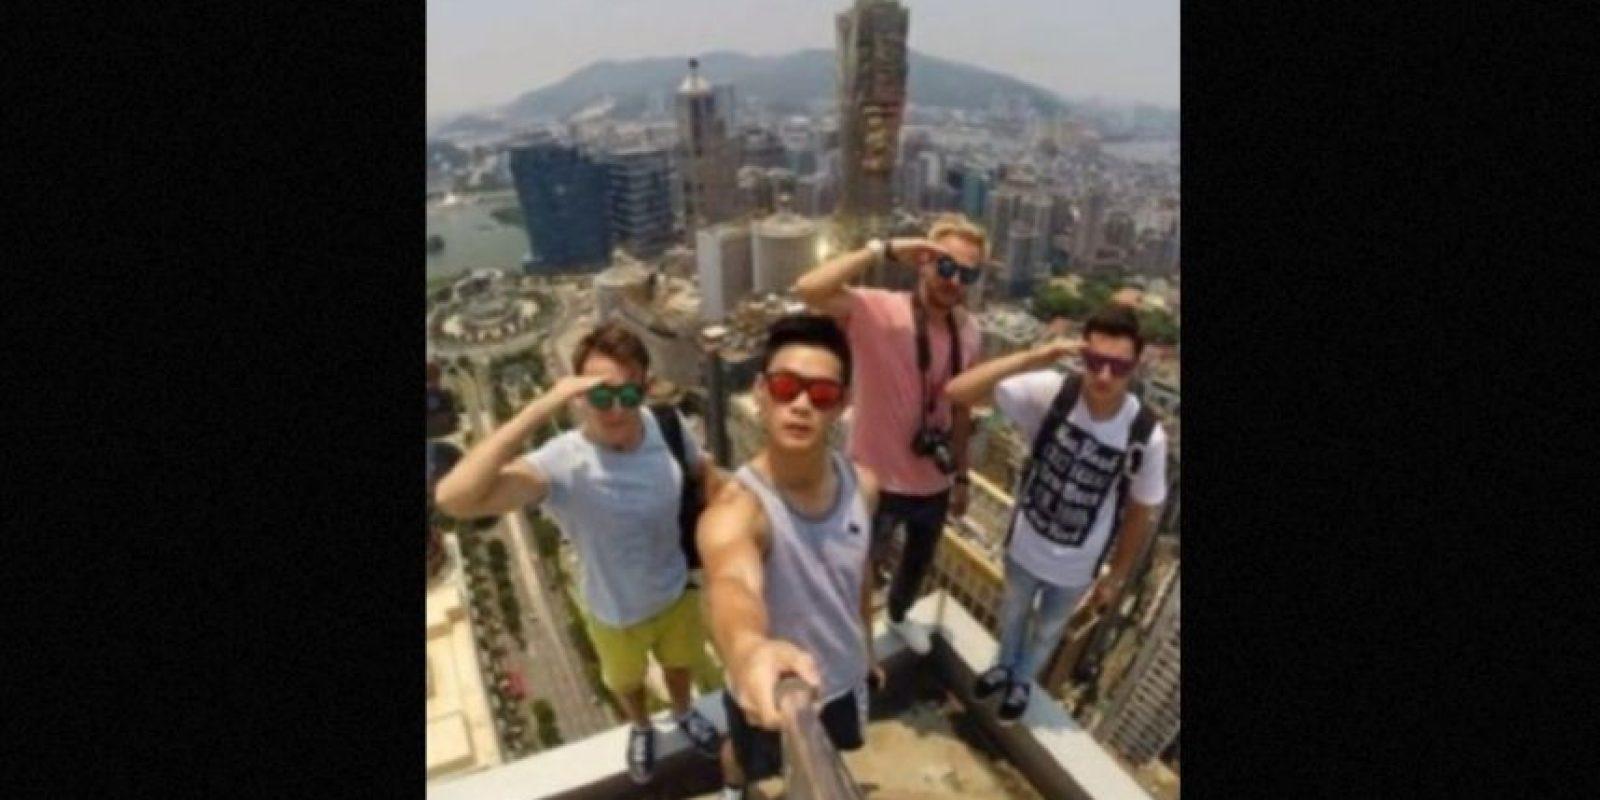 Muchas veces lo hacen sin ningún equipo de seguridad. Foto:instagram.com/daniel__lau